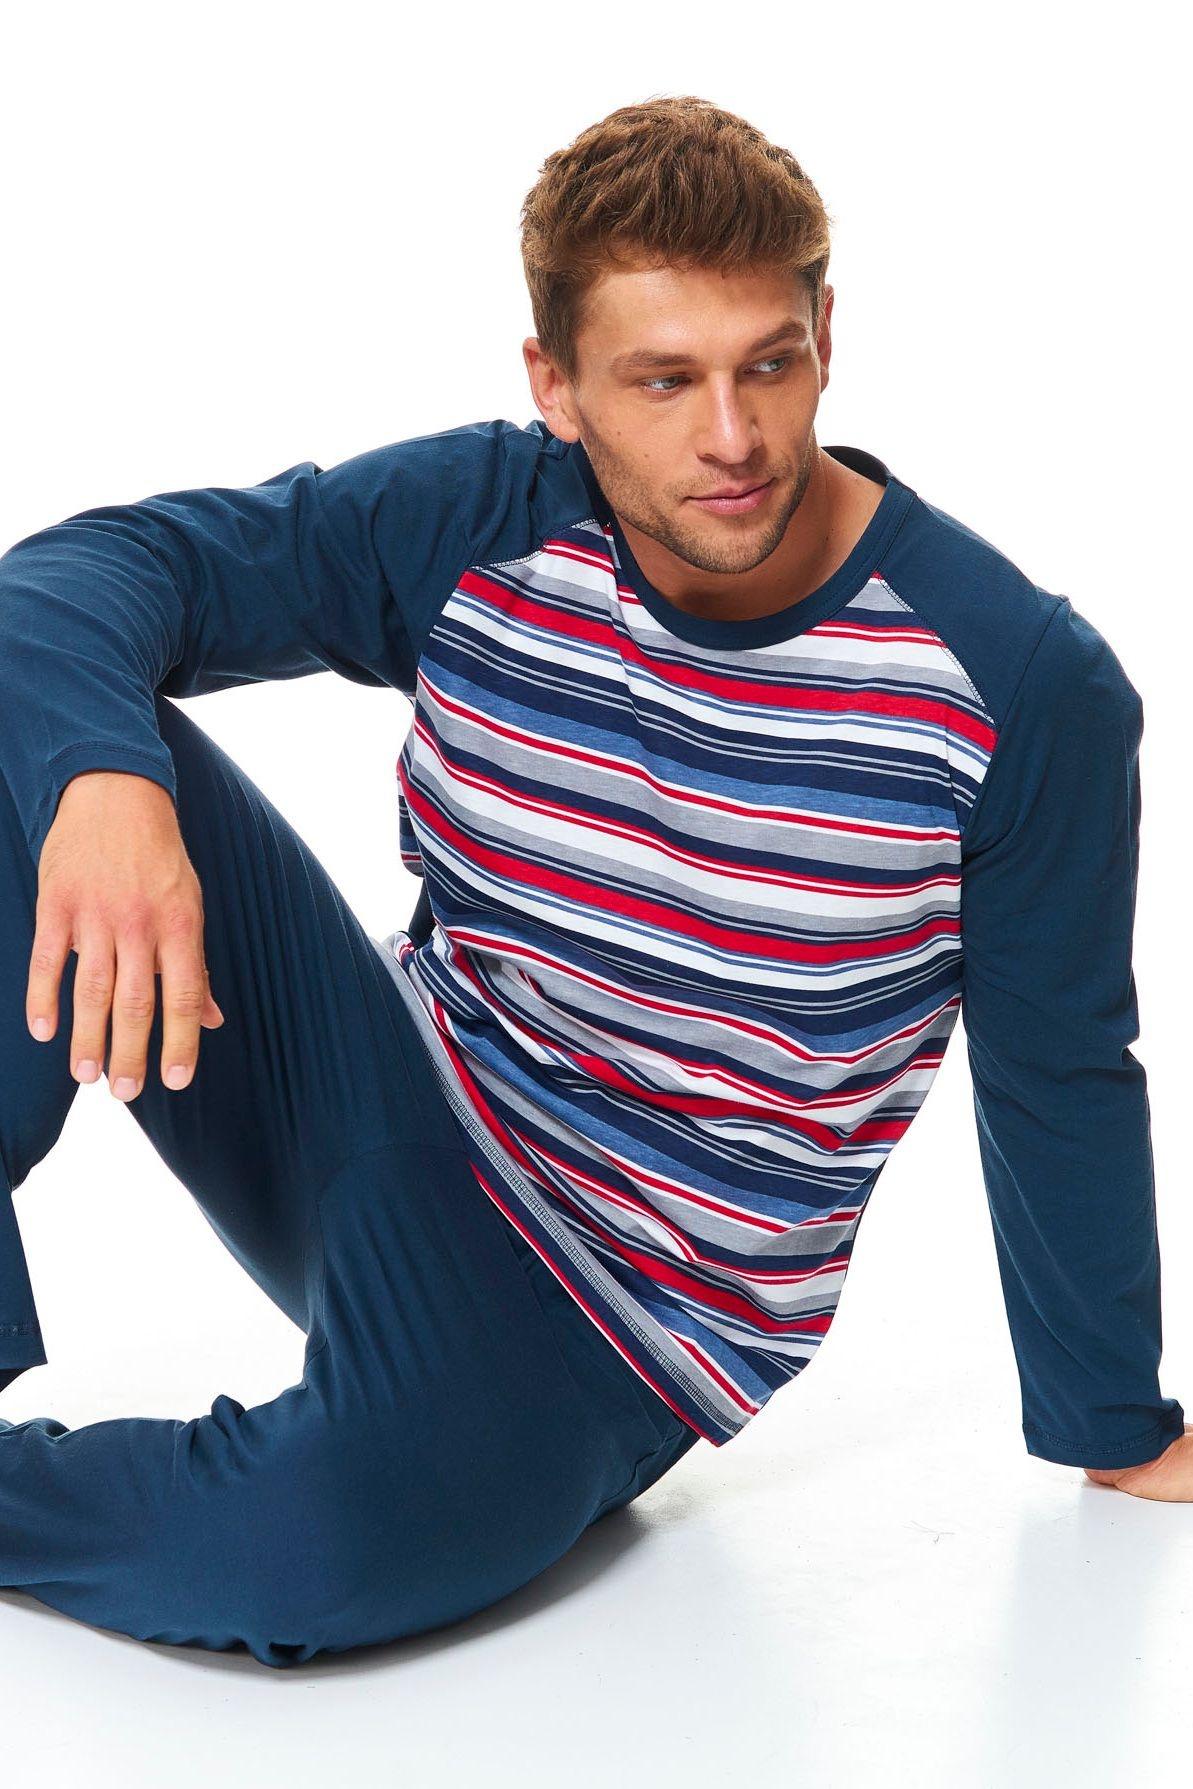 2999e7164 Pánske bavlnené pyžamo Henry tmavo modré s prúžkami - ELEGANT.sk